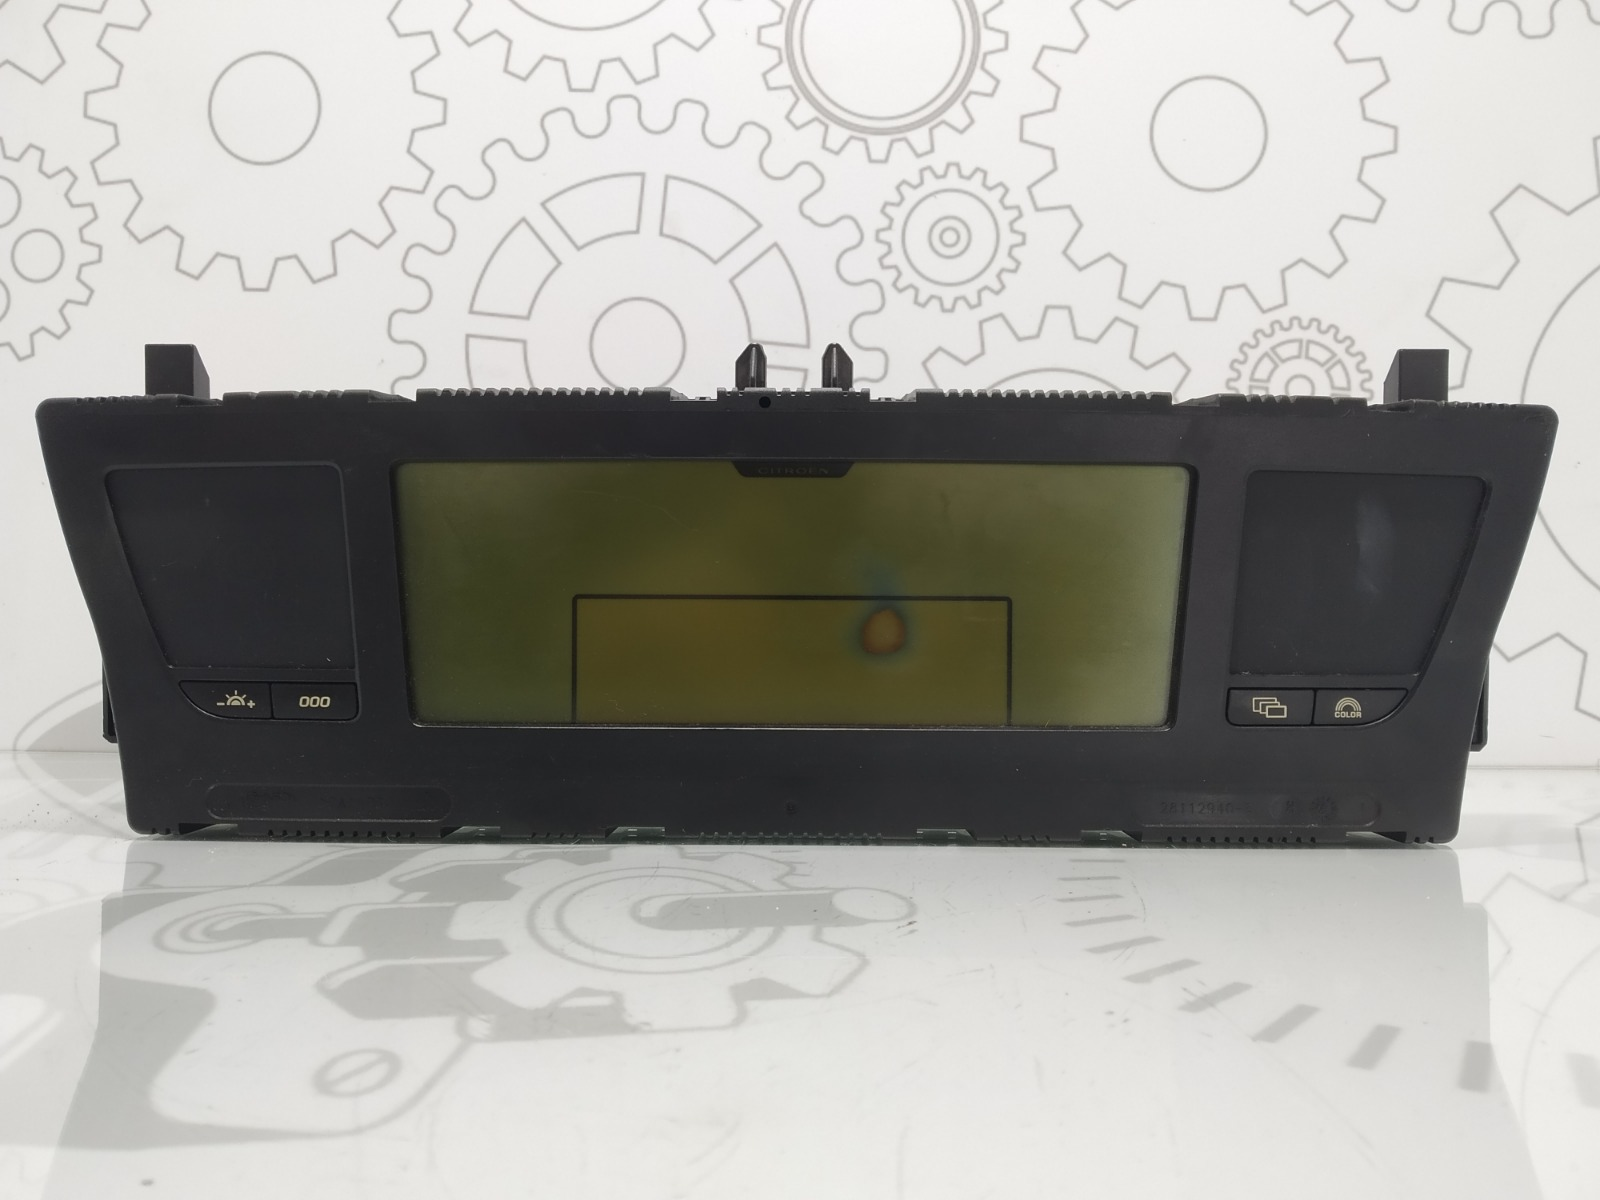 Щиток приборов (приборная панель) Citroen C4 Grand Picasso 2.0 HDI 2007 (б/у)